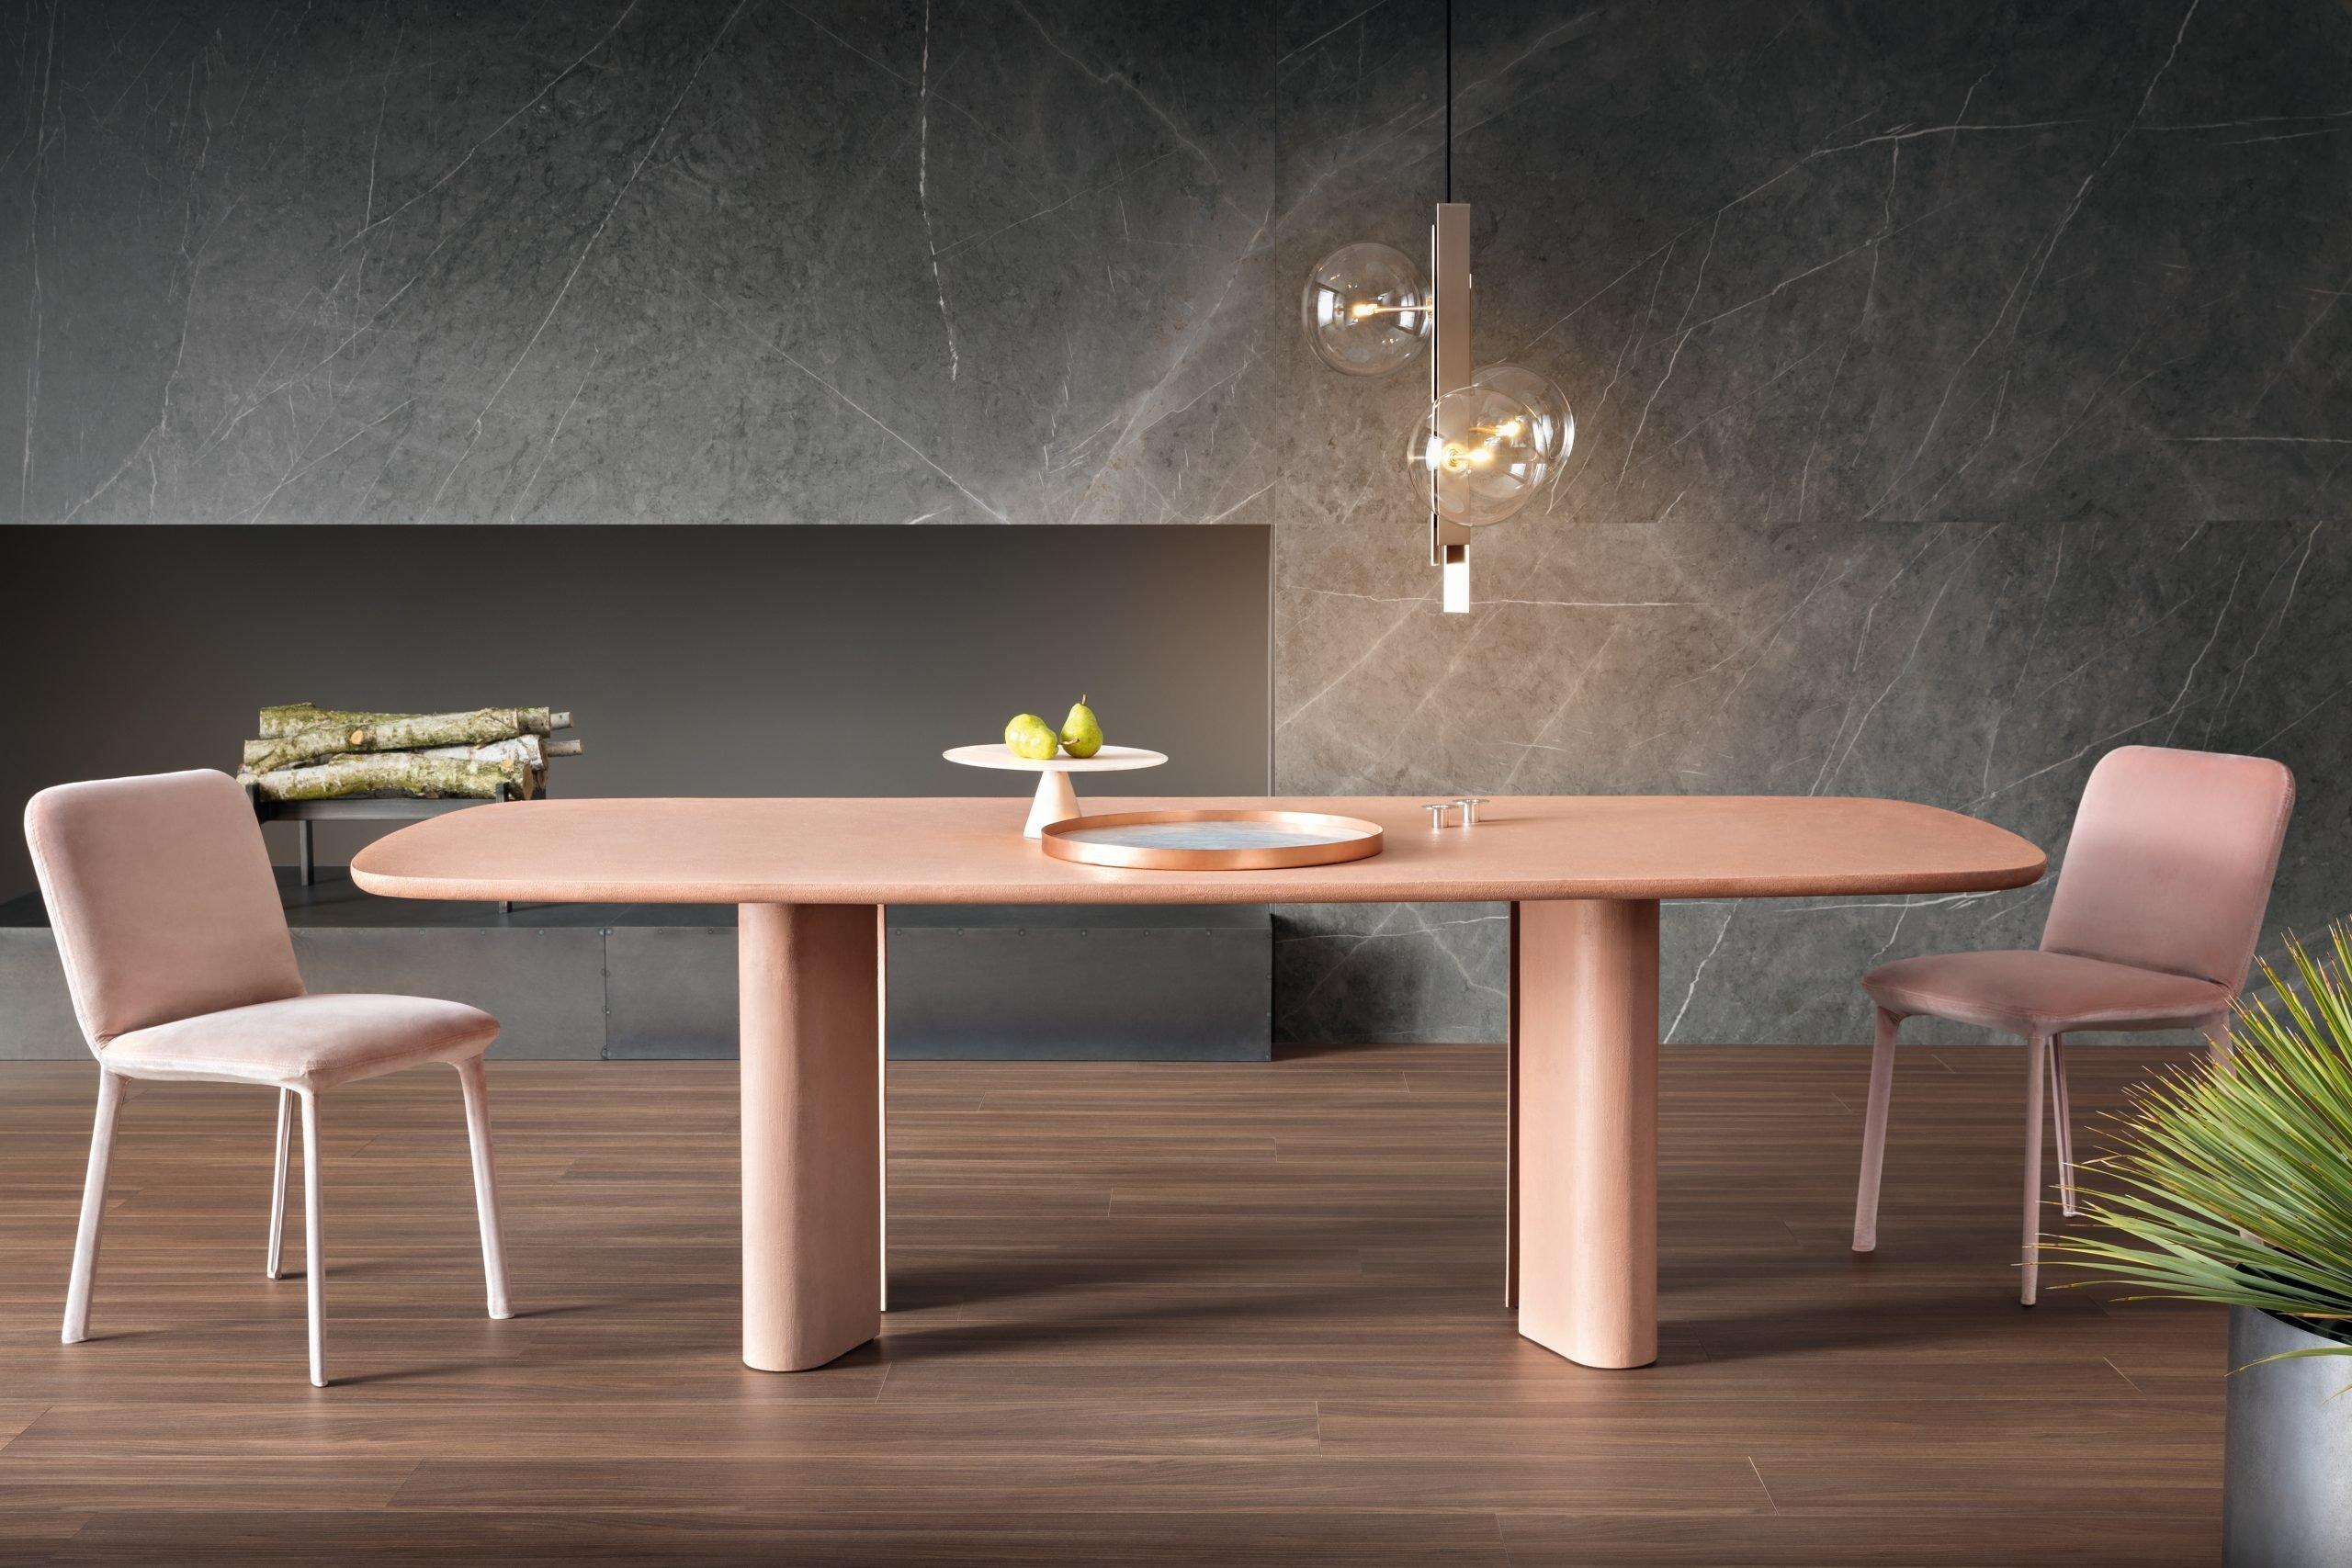 Bonaldo_Geometric Table